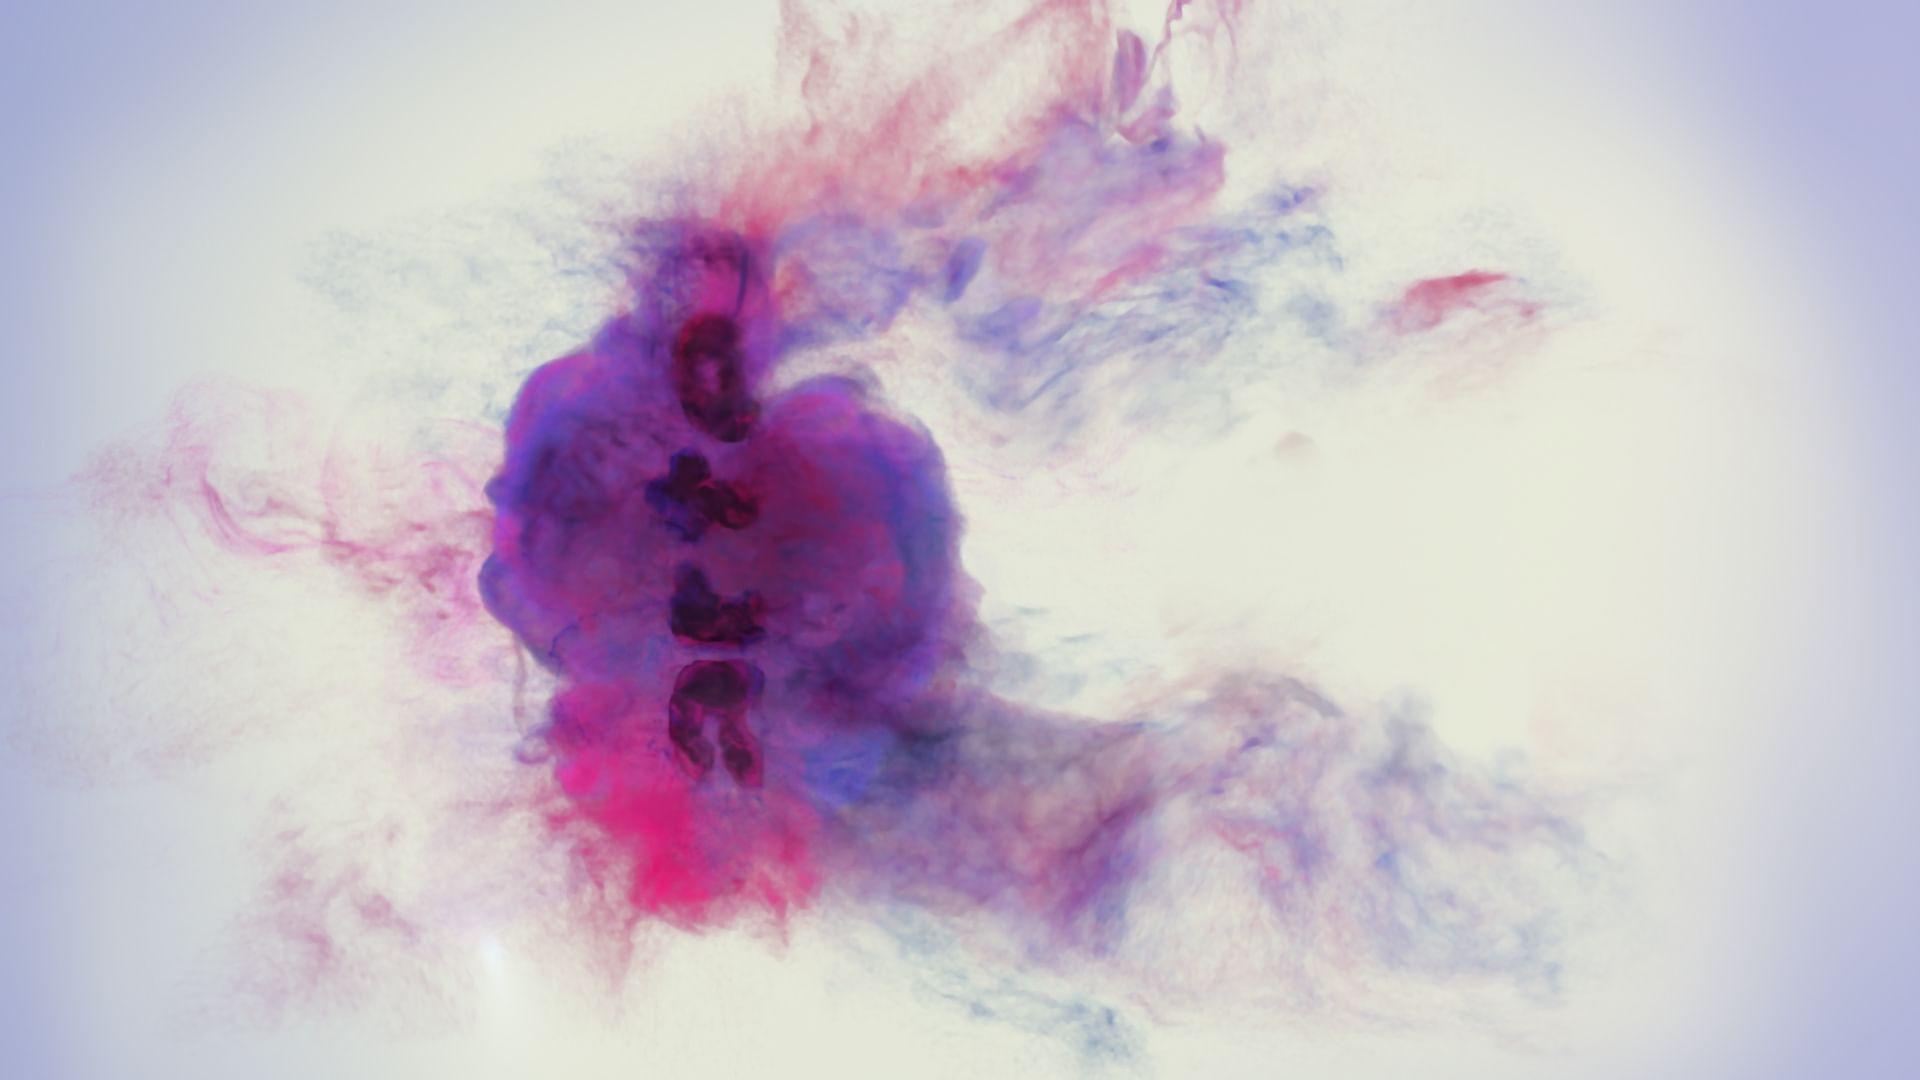 Découvrez plus de Rimski-Korsakov et d'autres compositeurs russes !